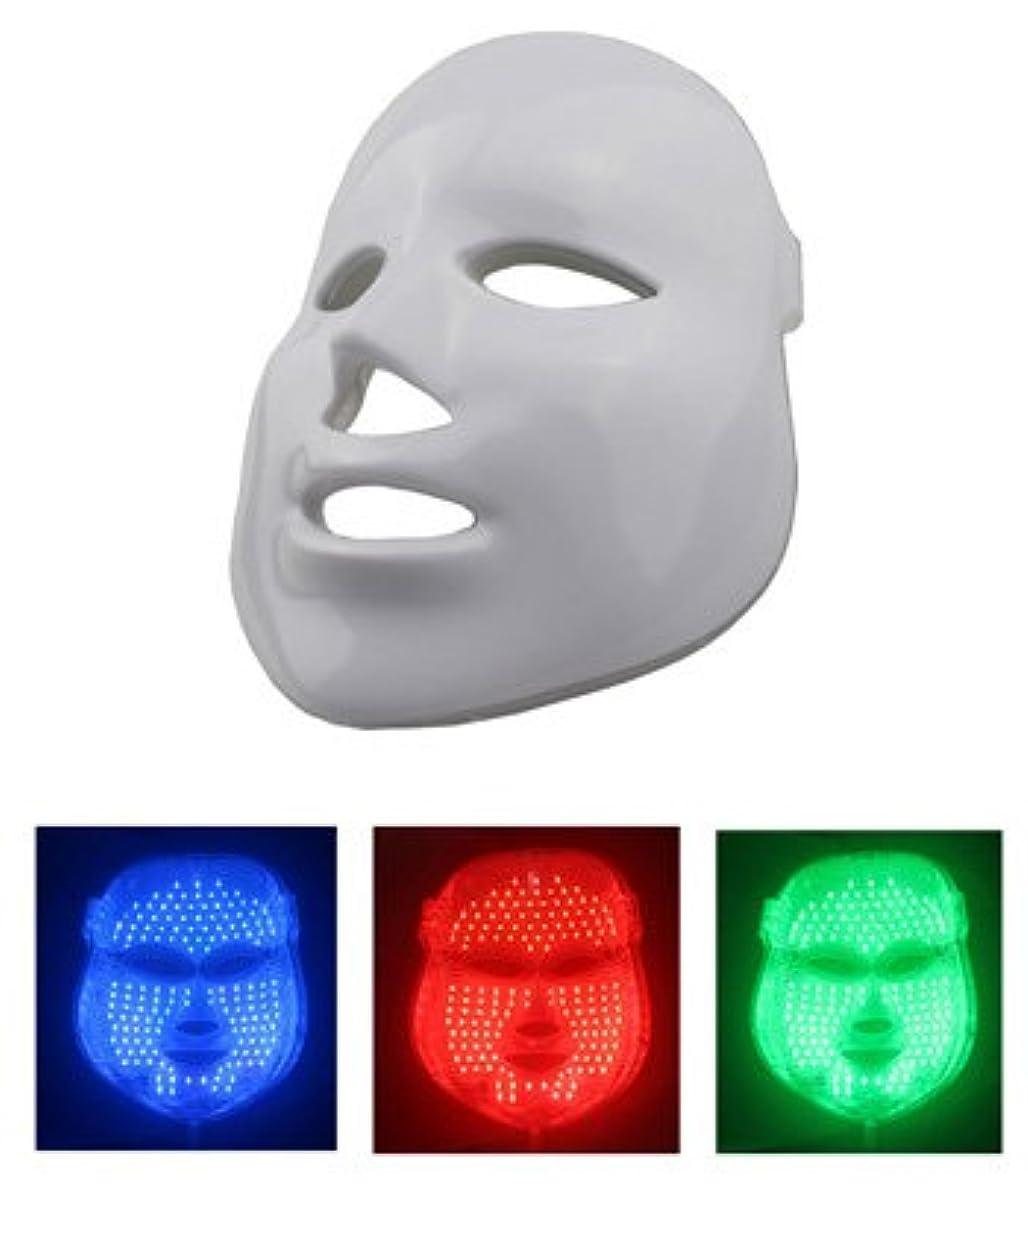 有害なコンパクトにんじん美顔 LEDマスク LED美顔器 三色モデル